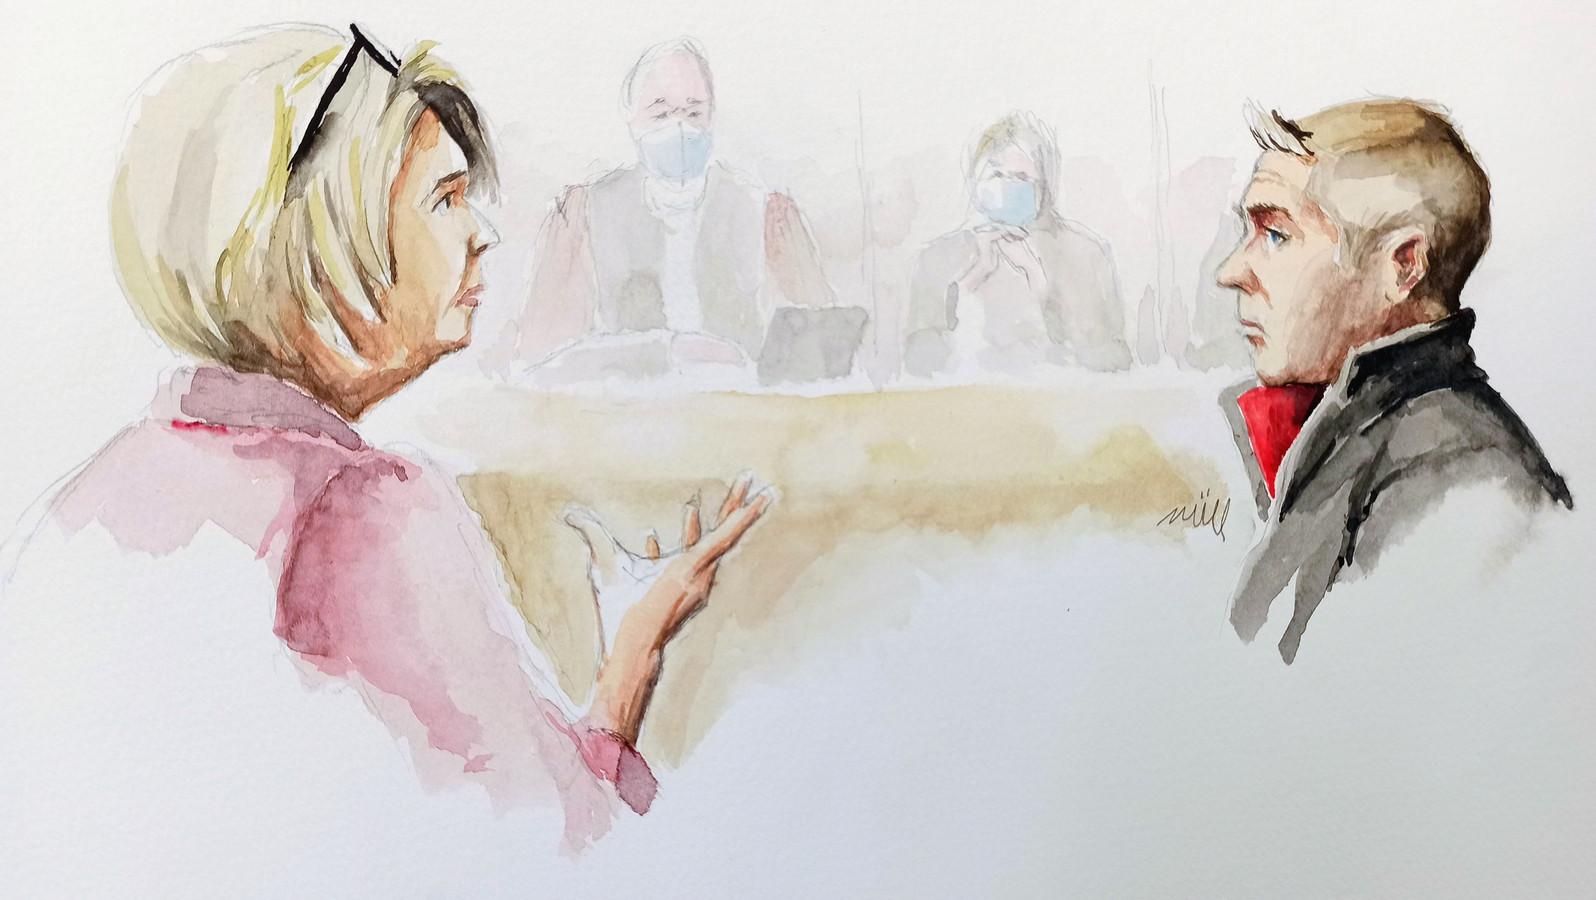 Op deze rechtbanktekening van vrijdag spreekt Isabelle Fouillot (links), de moeder van Alexia, tegen haar voormalige schoonzoon Jonathann Daval.